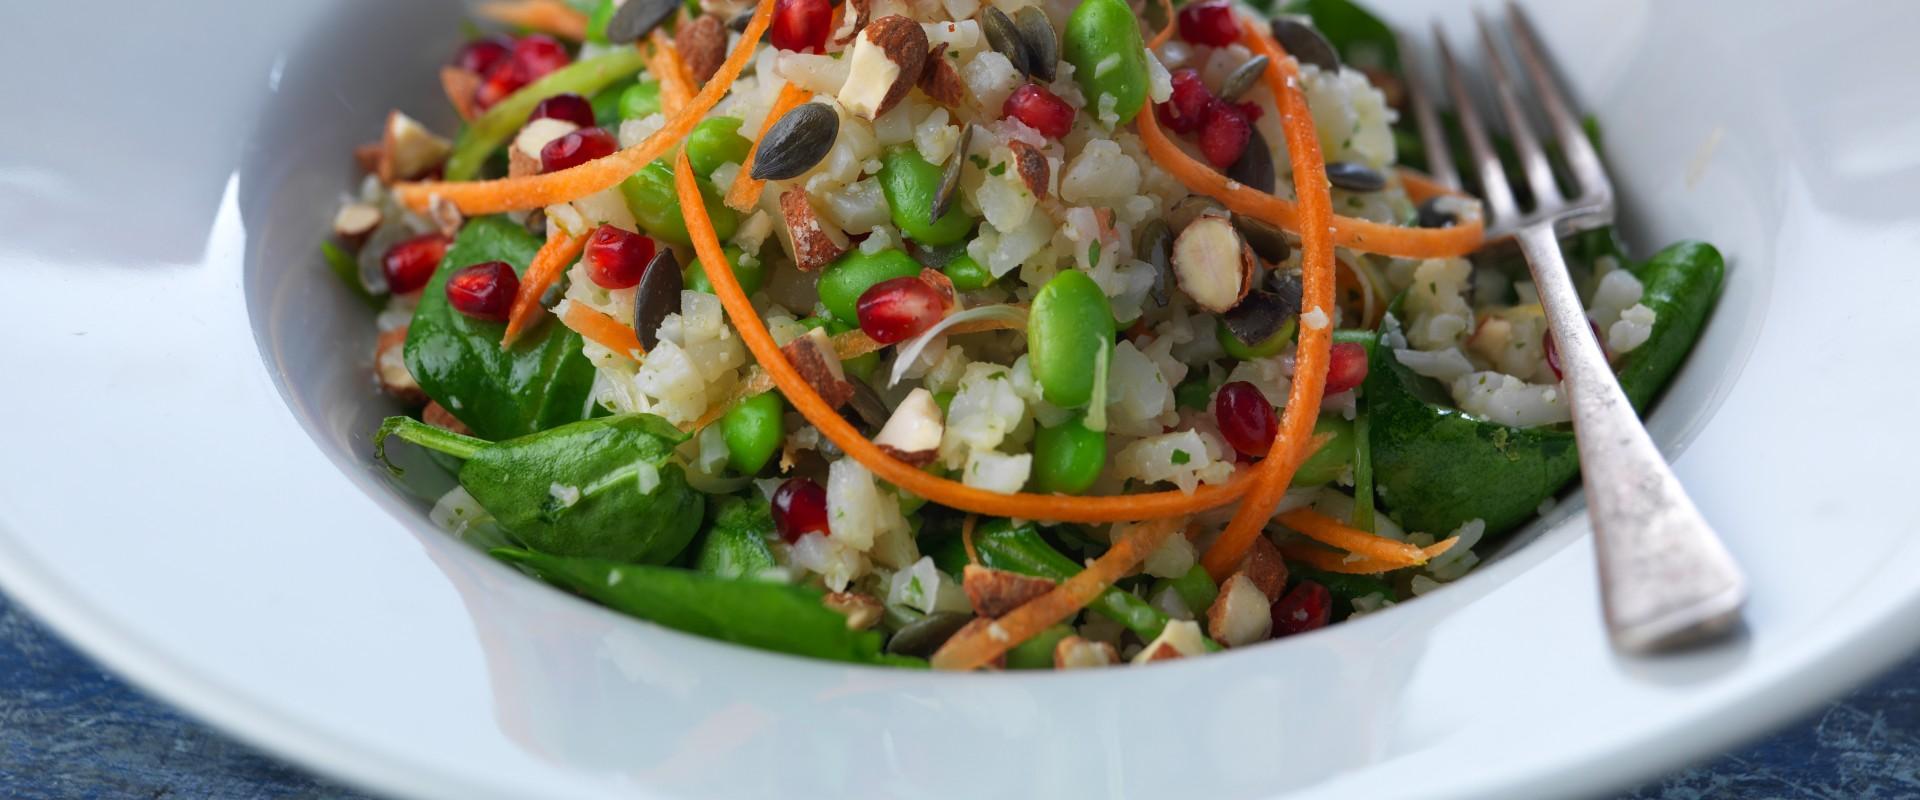 Superfood salad vegan